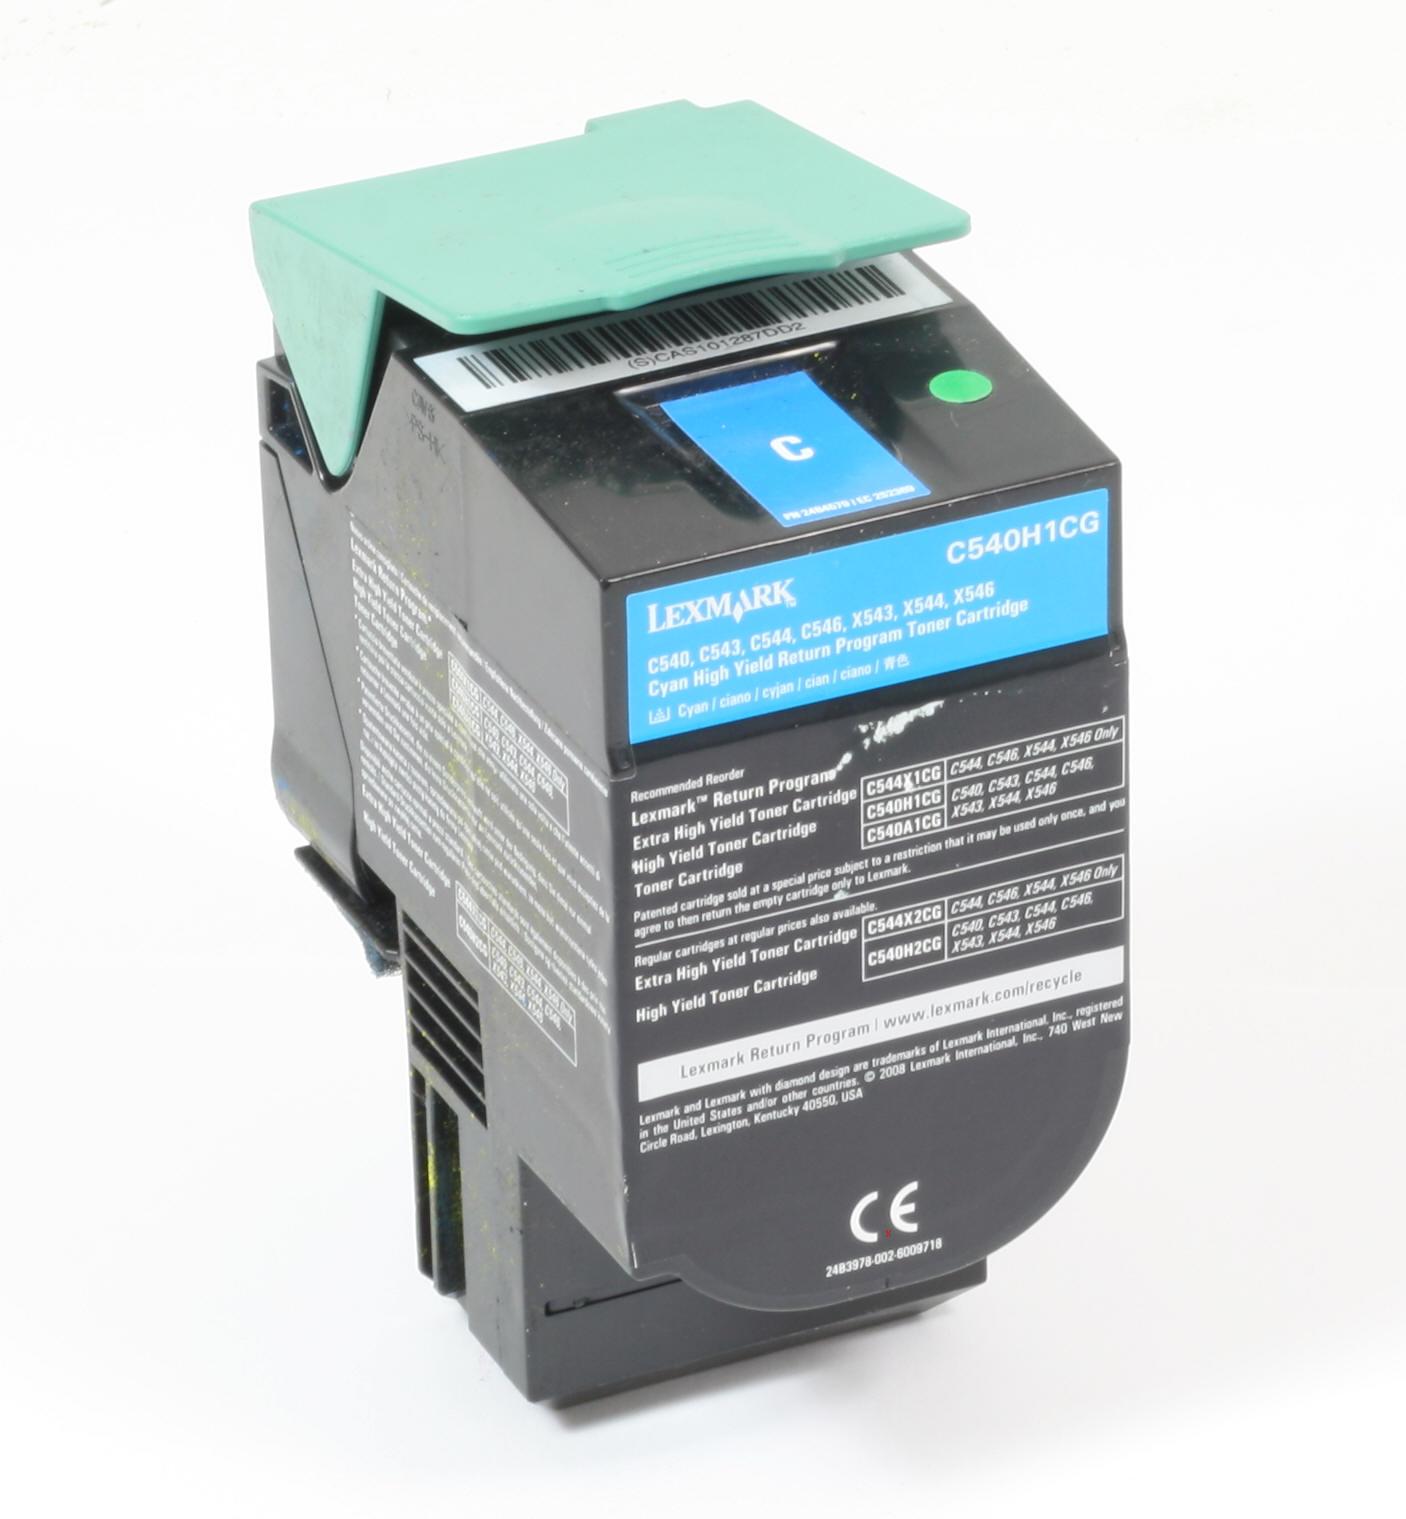 Lexmark C540H1CG Original Toner Cyan C540 C543 C544 C546 X543 X544 X546 gebraucht